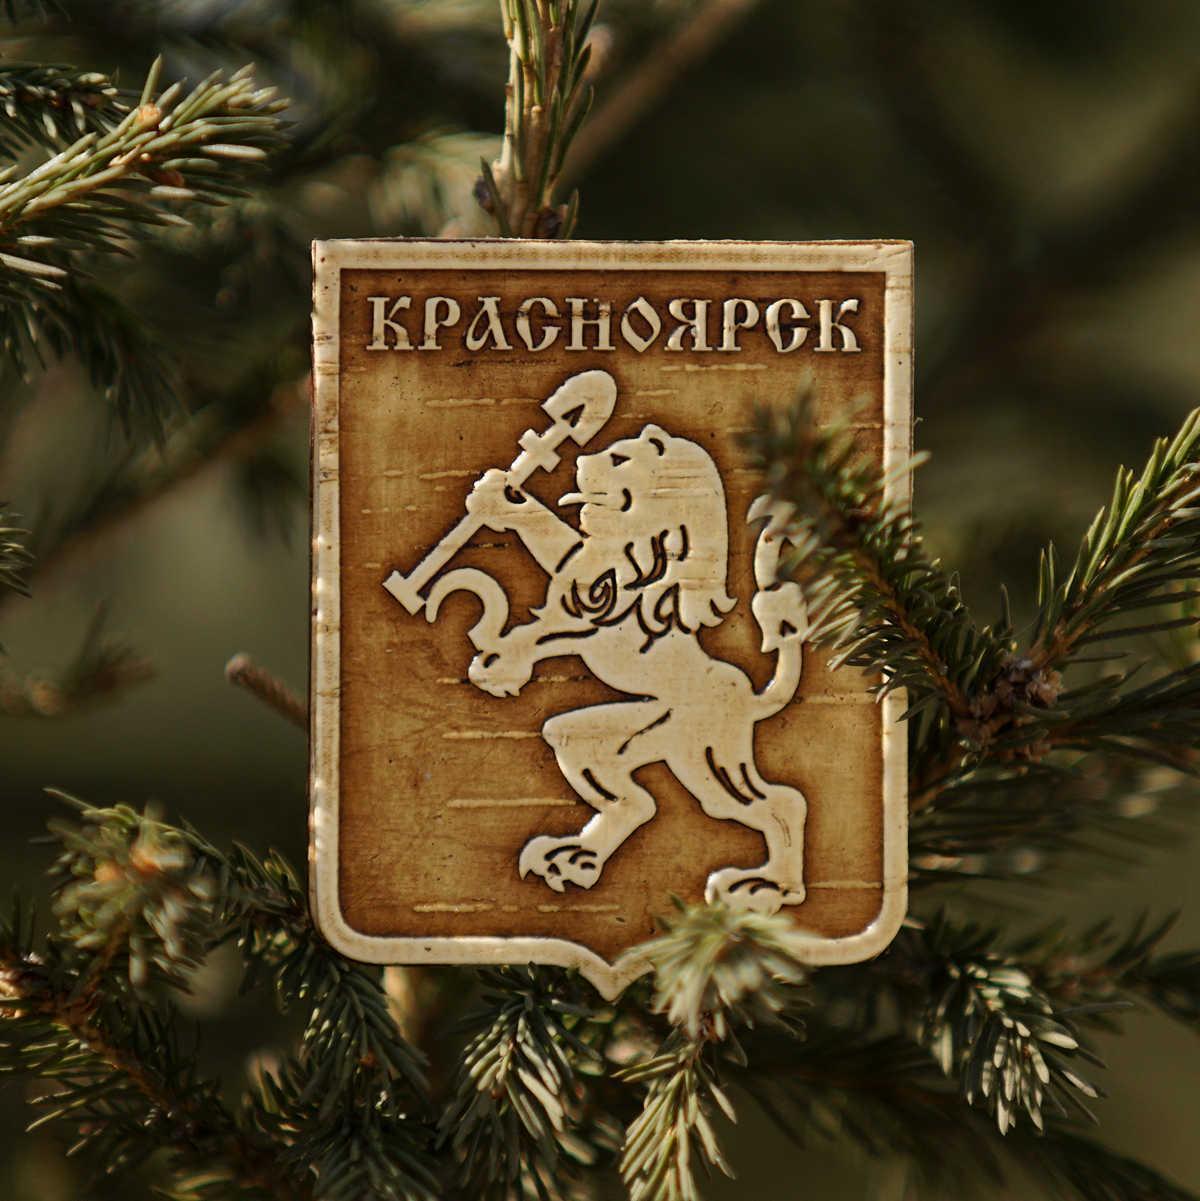 Magnit gerb goroda Krasnoyarska 300x300 - Самые интересные подарки из Сибири: где их искать?